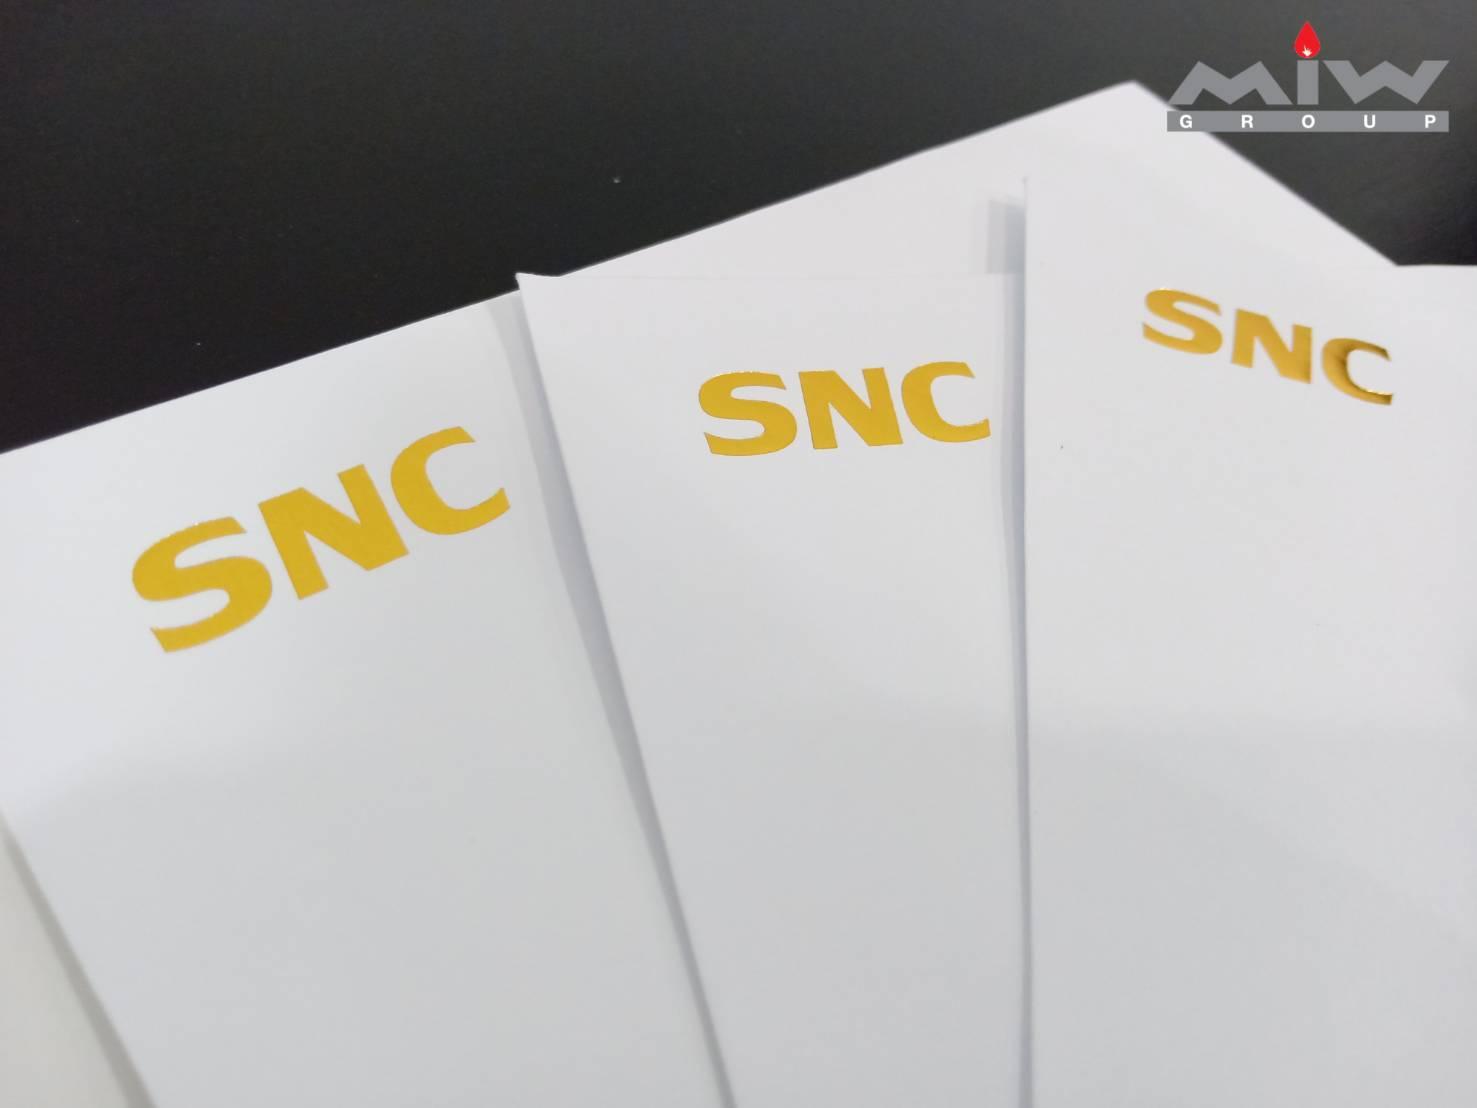 204352 - งานการ์ด SNC สวัสดีปีใหม่ 2563 พร้อมซอง